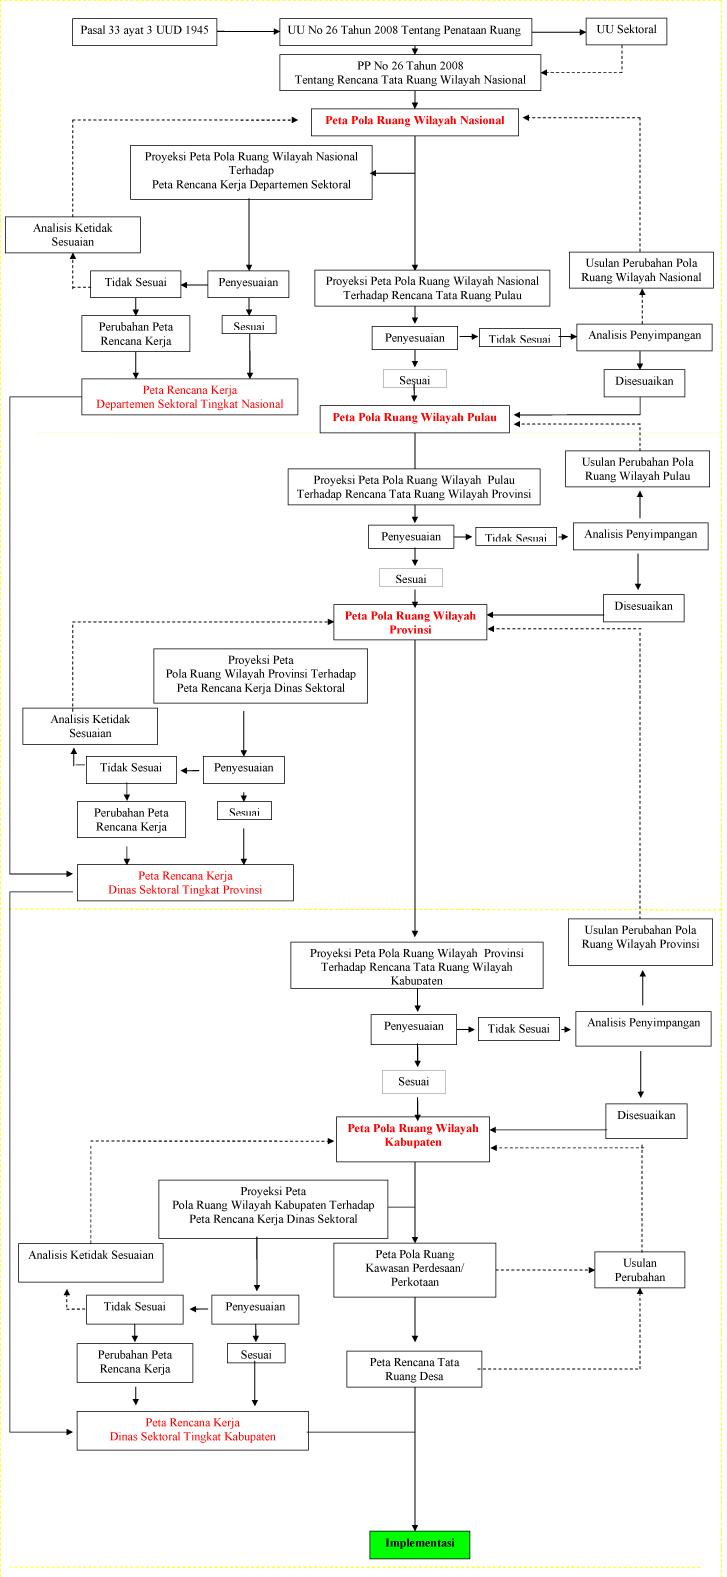 Diagram Penyusunan Pola Ruang Wilayah Nasional